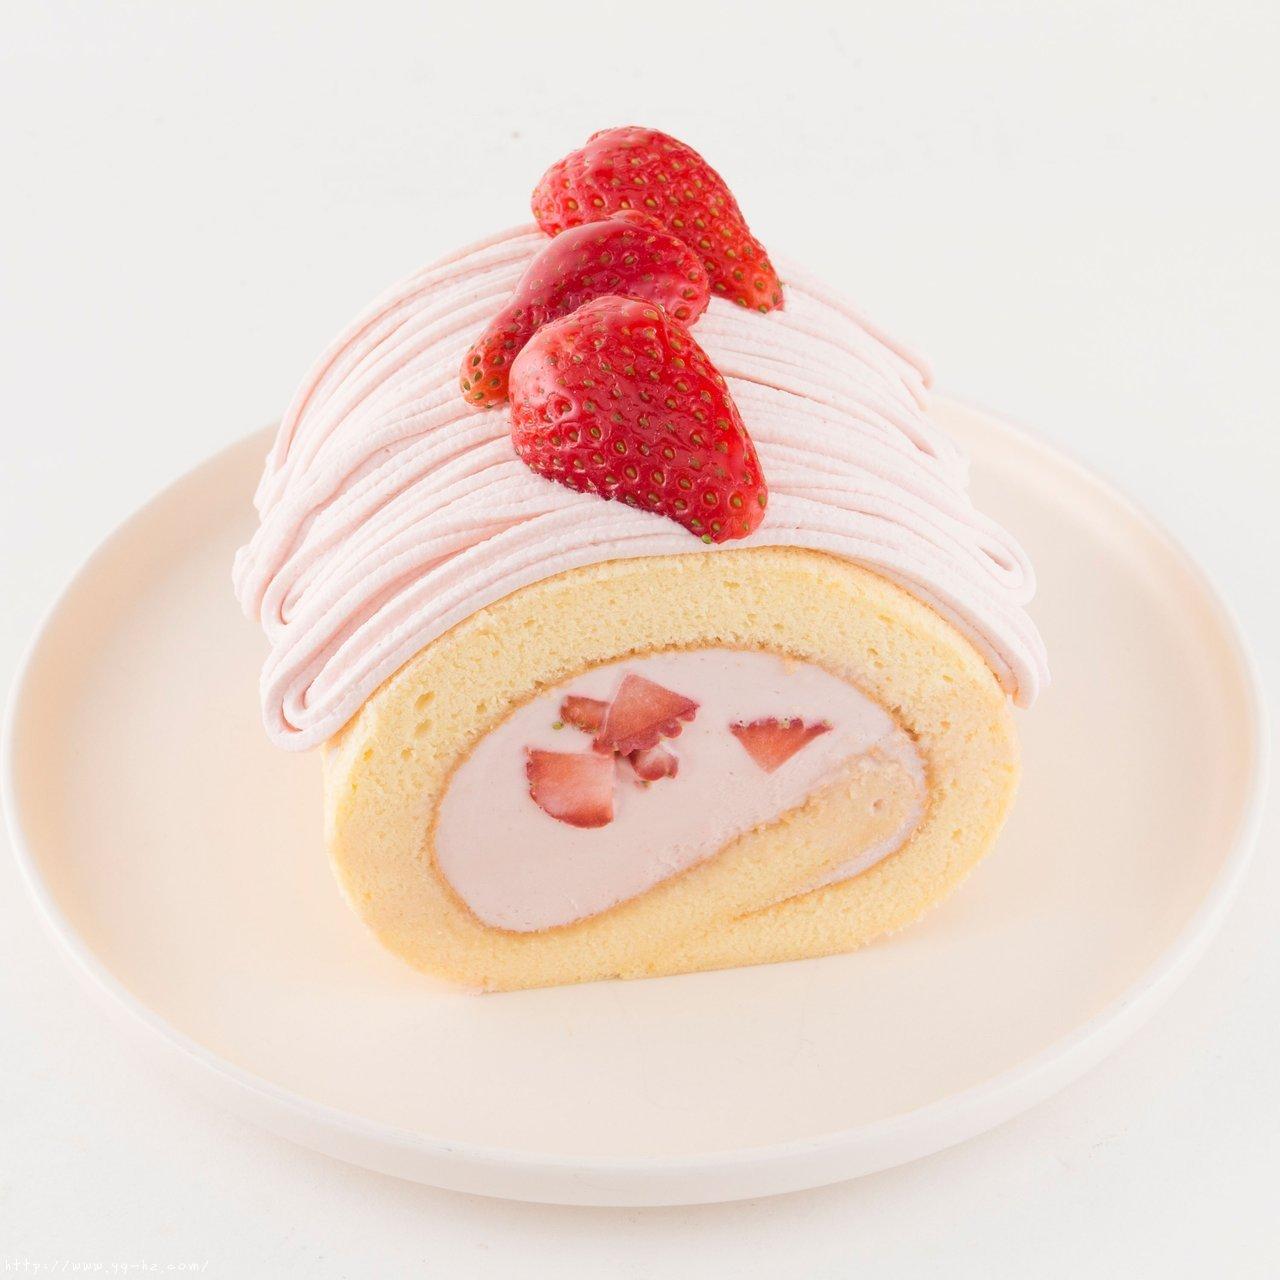 松软不开裂的日式草莓蛋糕卷的做法 步骤29